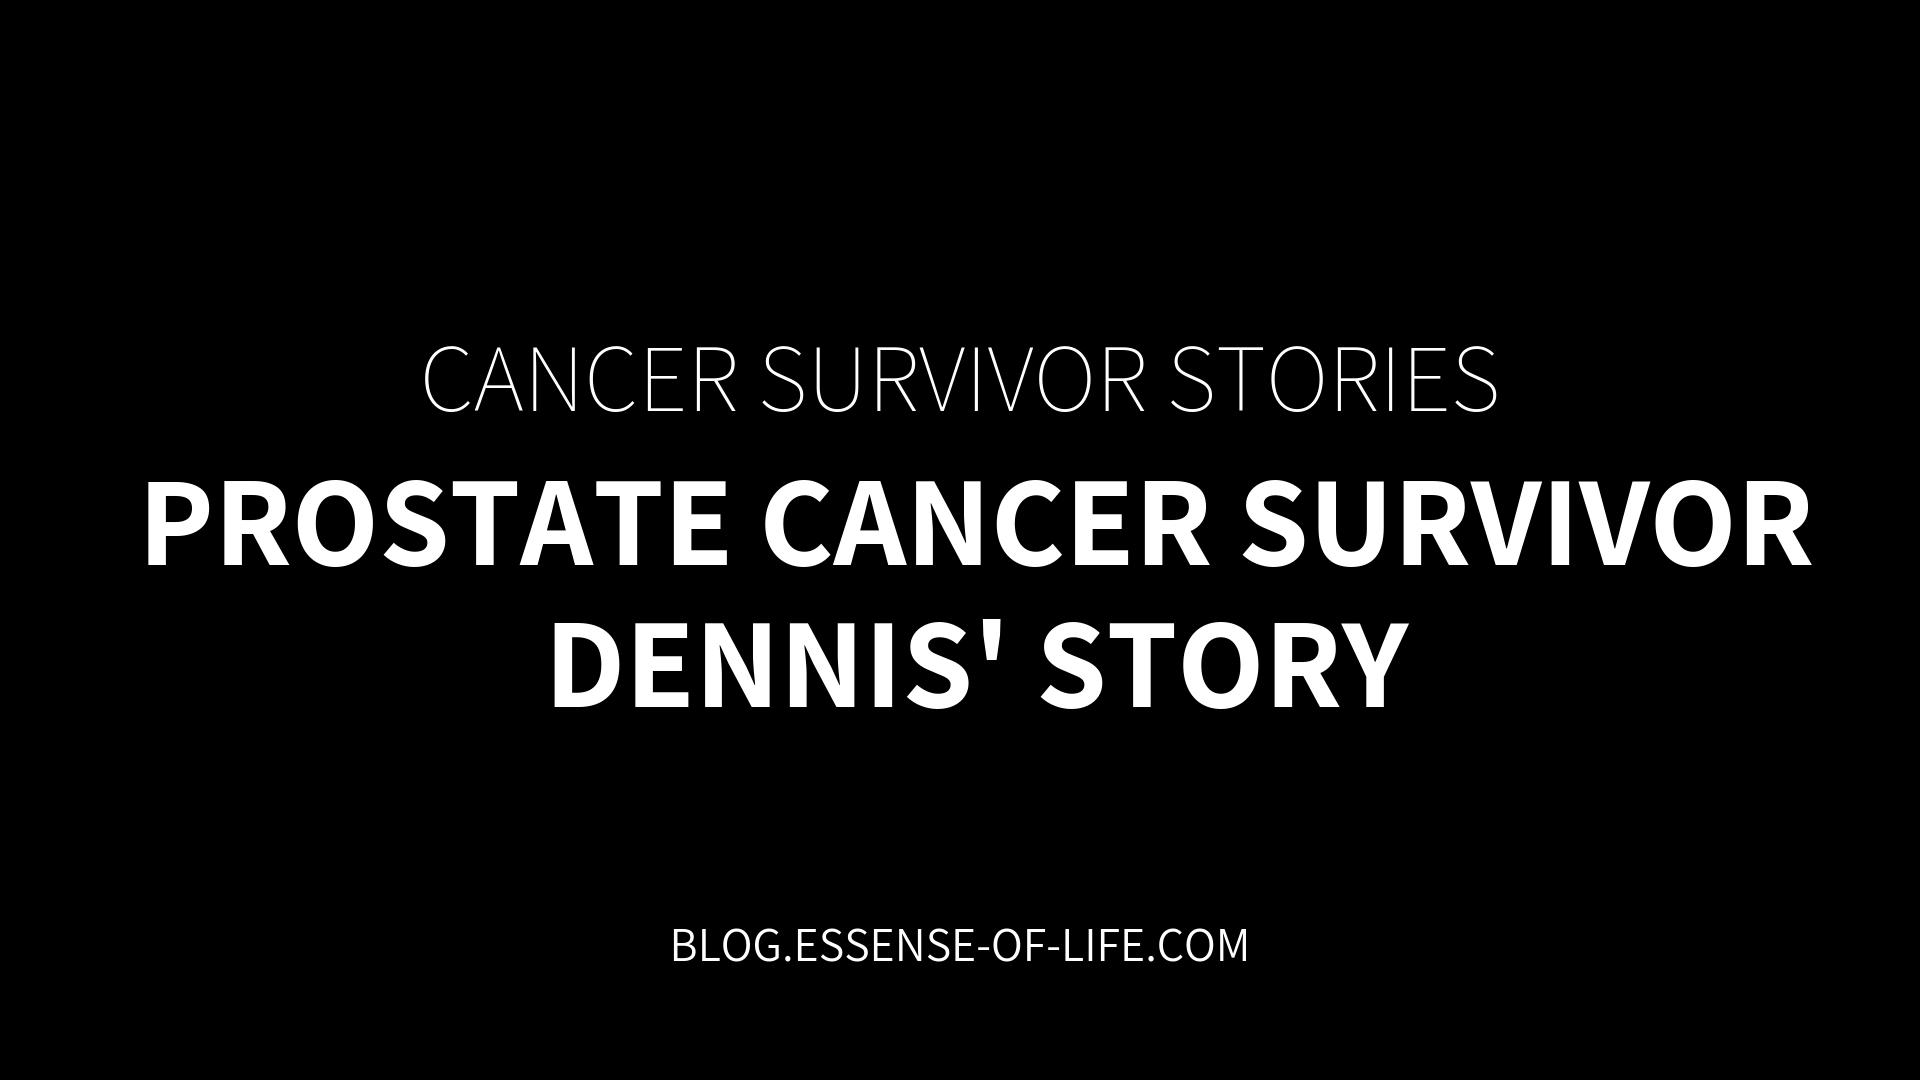 prostate cancer survivors blog)